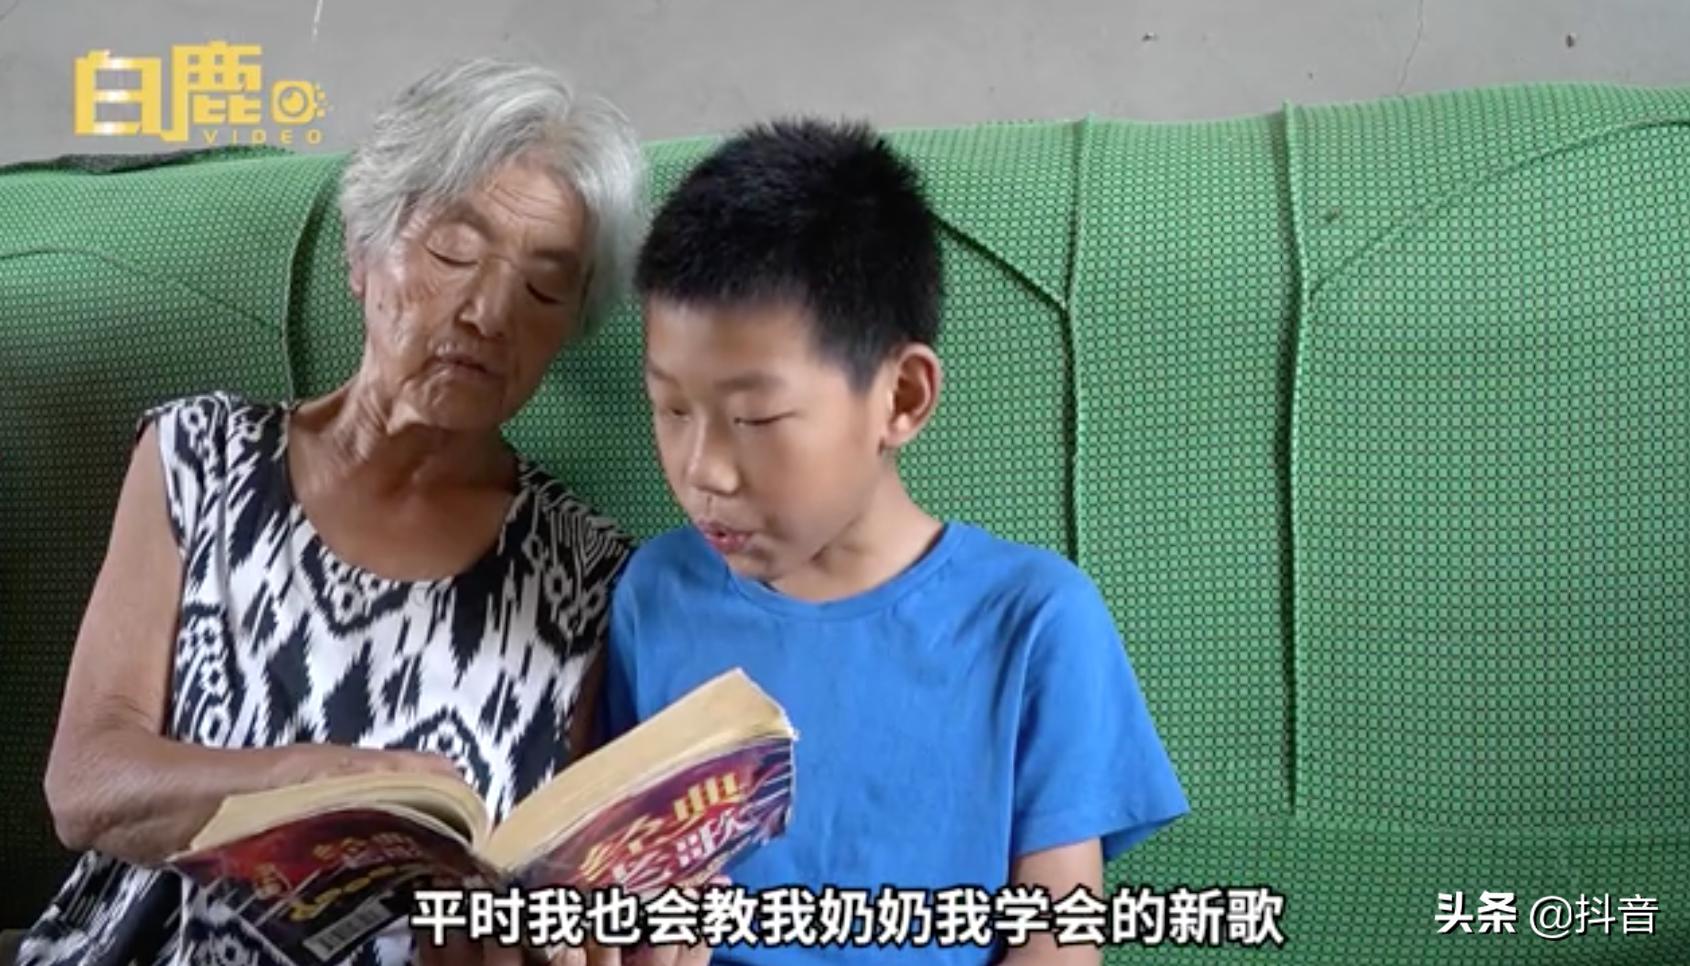 抖音河北国风少年-刘泽举(个人资料介绍)登上央视被李玉刚点赞